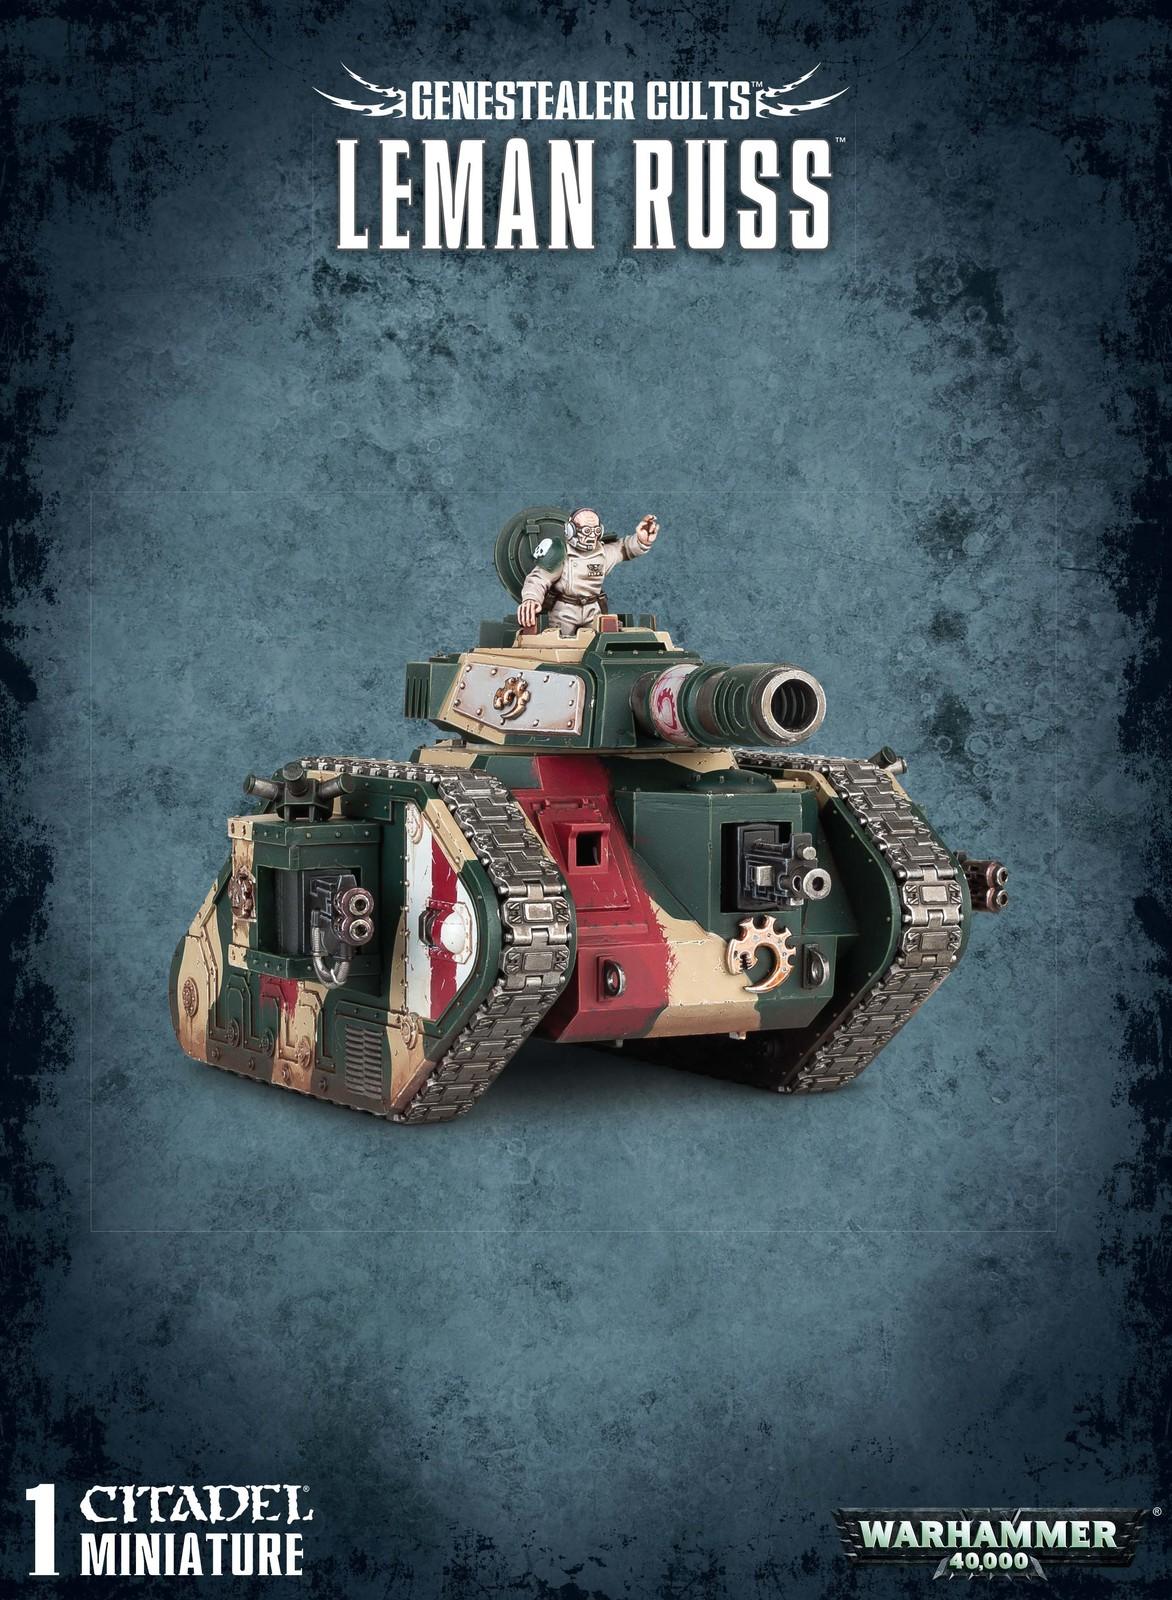 Warhammer 40,000 Genestealer Cults: Leman Russ image